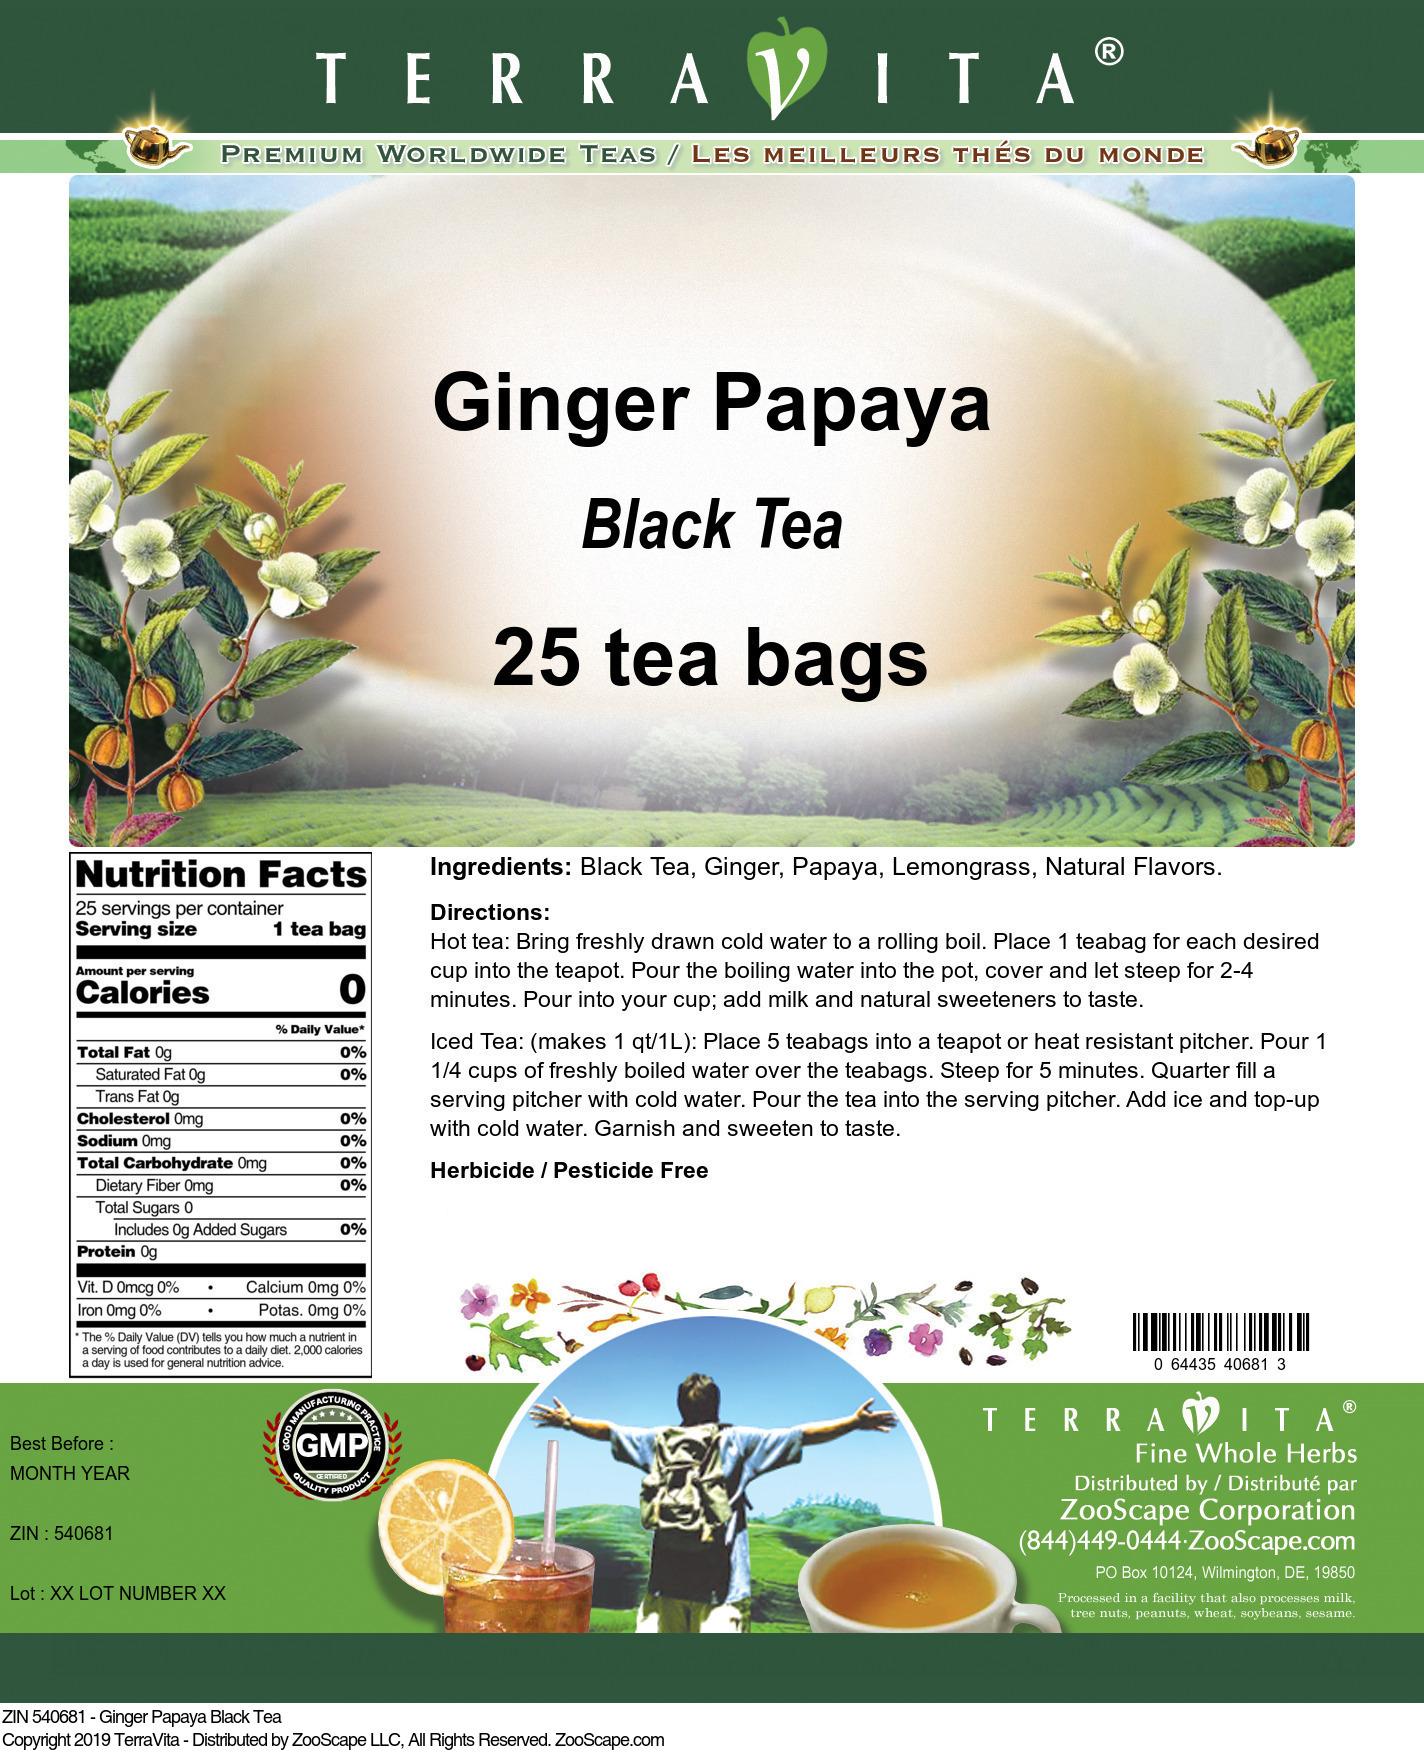 Ginger Papaya Black Tea